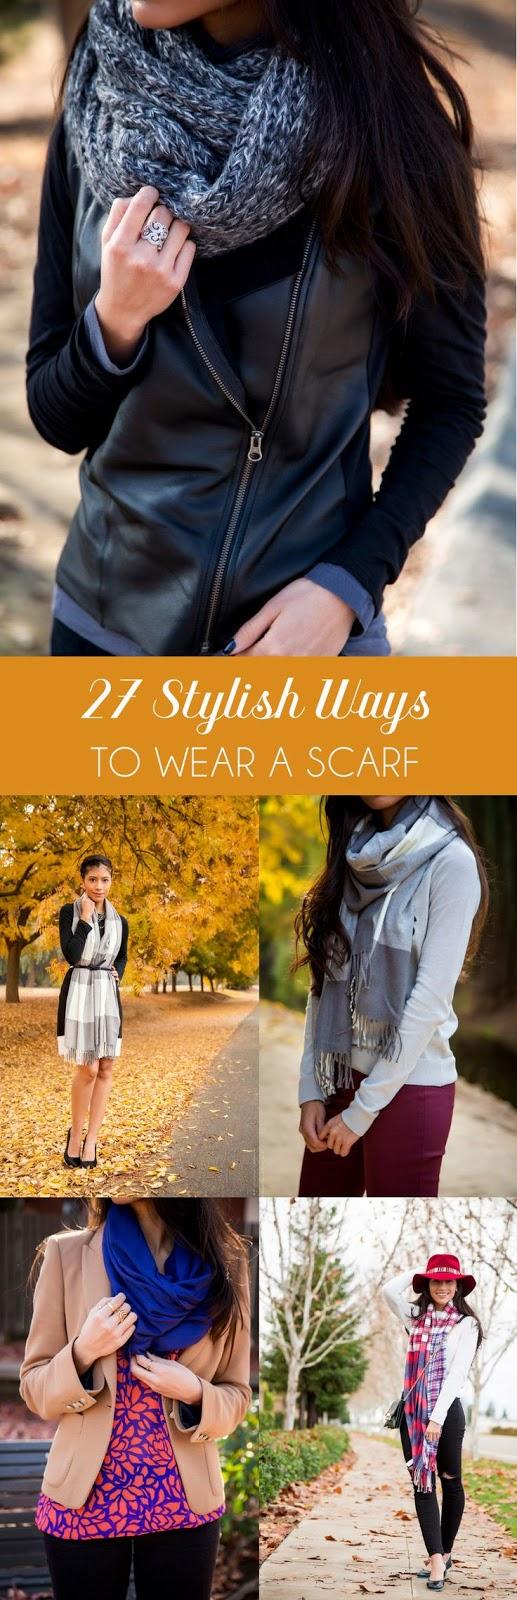 27 STYLISH WAYS TO WEAR A SCARF